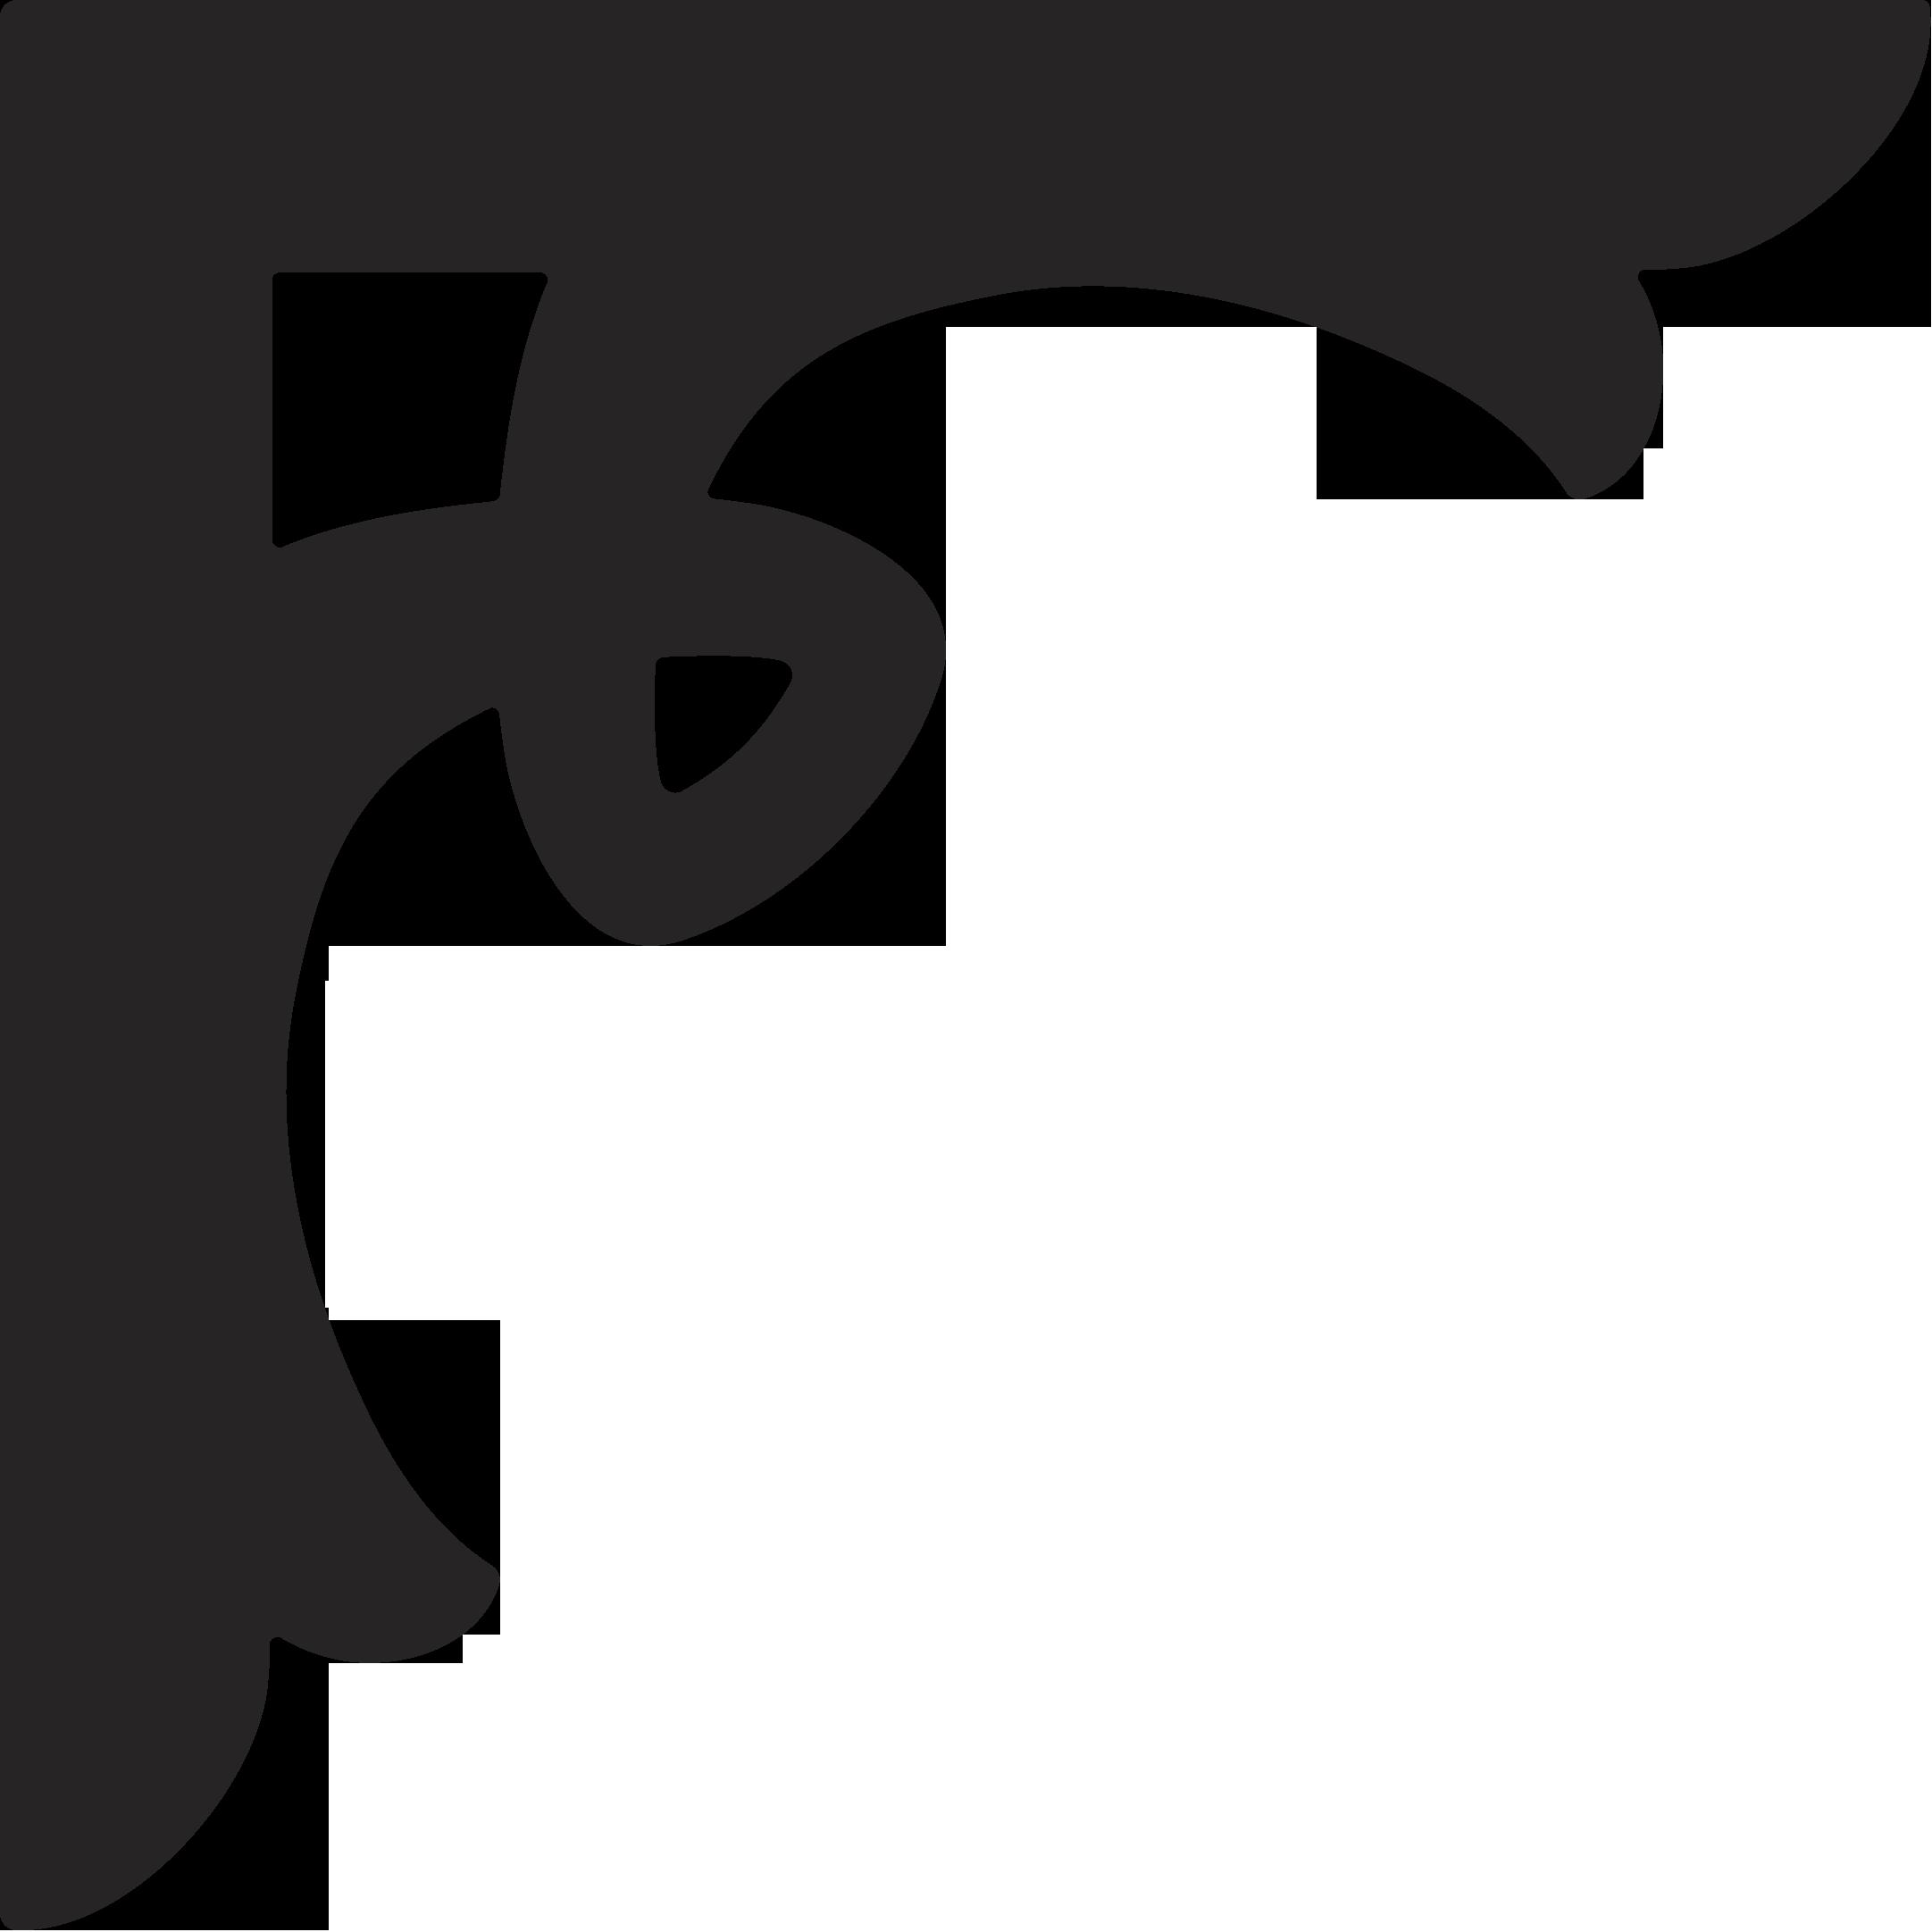 Corner Scroll Clipart Stencil Designs Autocad Dxf.